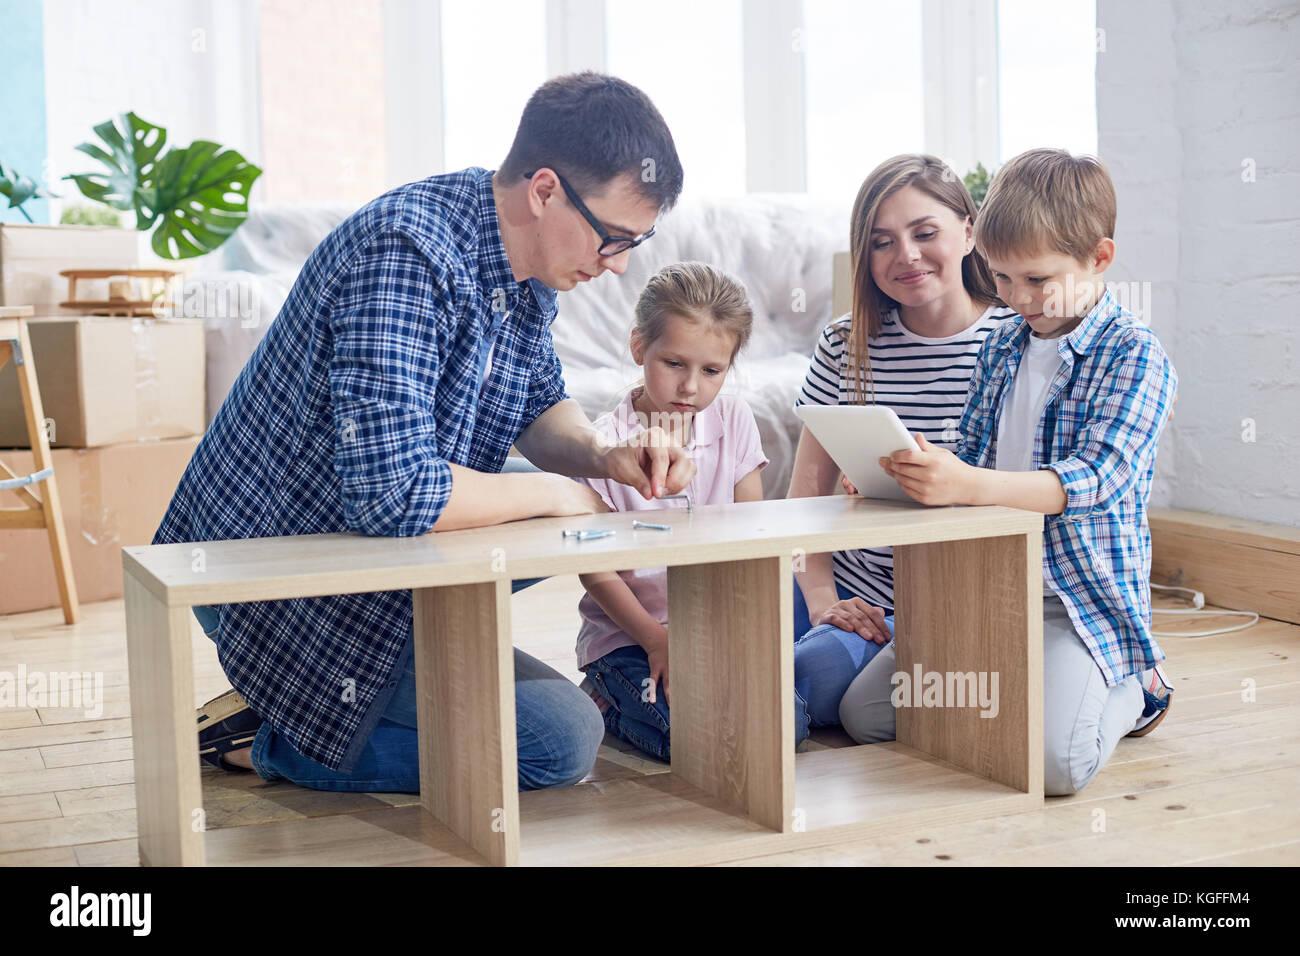 Liebevolle junge Familie von vier zusammen im Wohnzimmer der Wohnung gesammelt und verpackt in der Montage Kleiderschrank, Stockbild